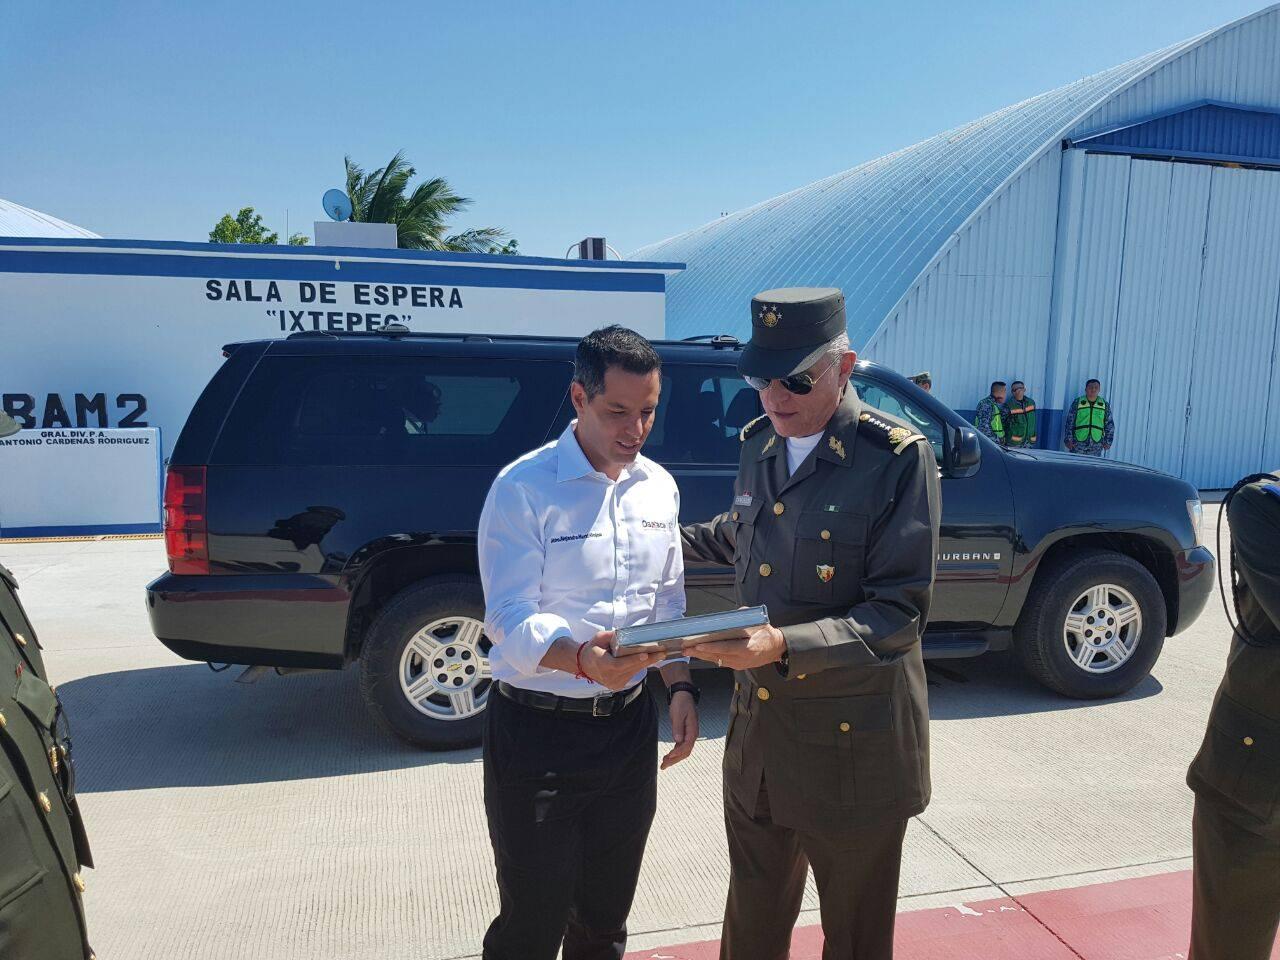 Photo of Anuncia Cienfuegos 100 millones para base militar y aeropuerto en Ixtepec